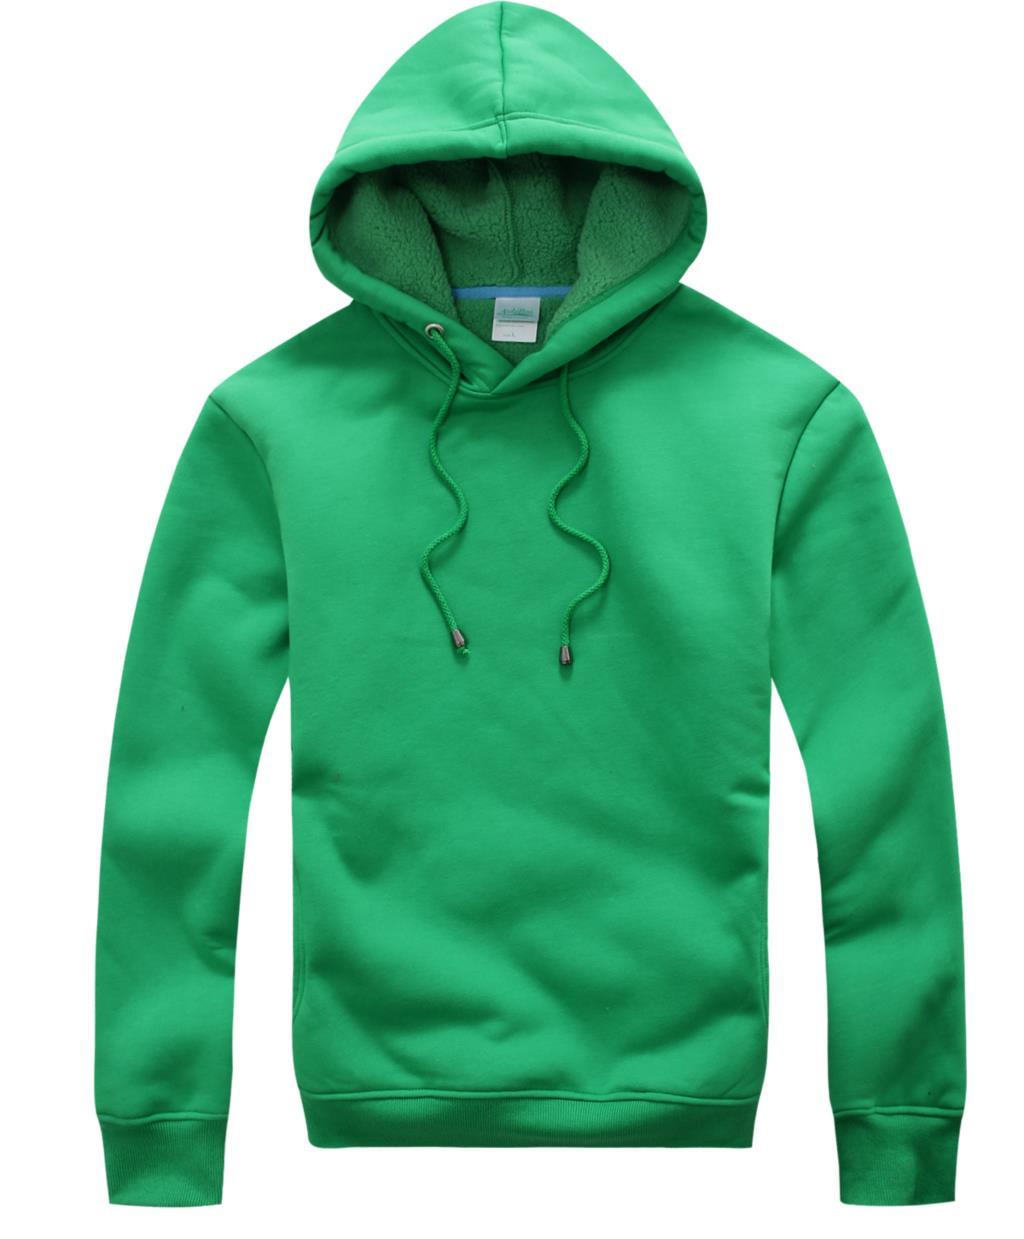 Best quality hoodie